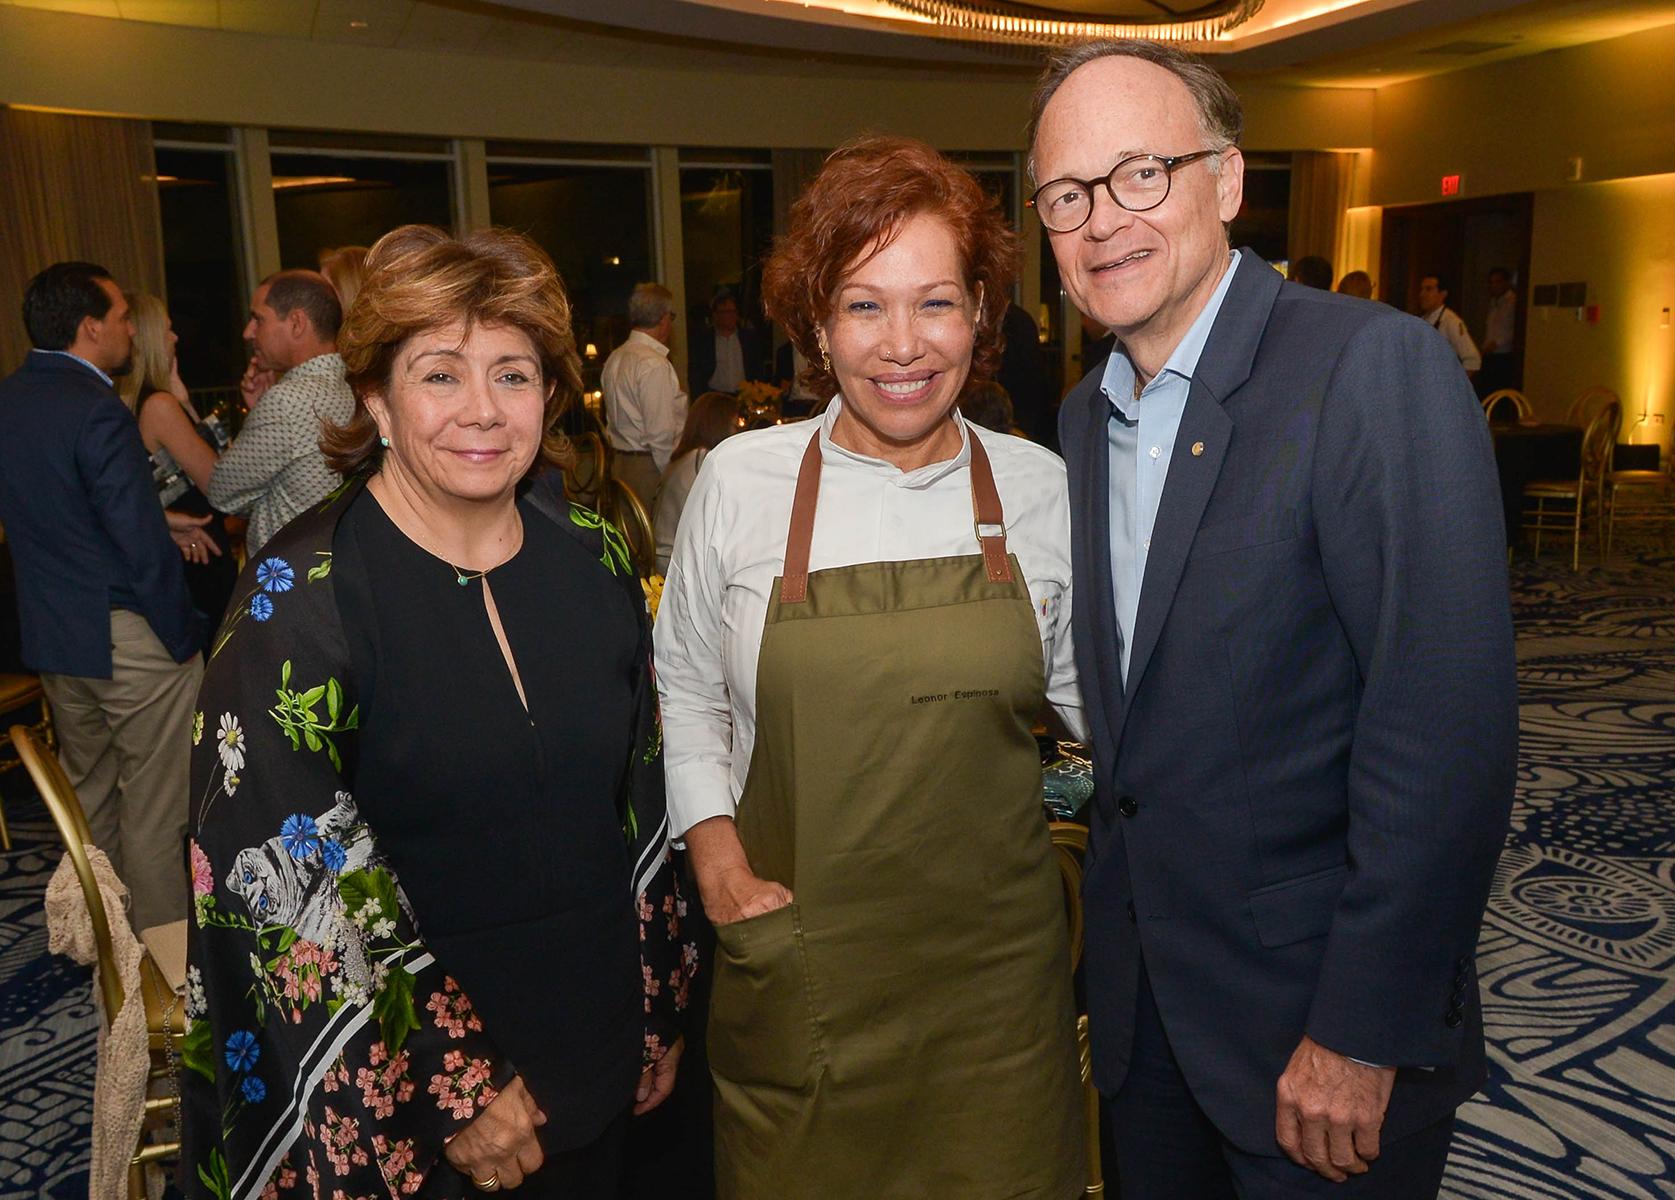 Claudia Flores, presidenta de la Asociación de Intercambio Cultural, chef Leonor Espinosa y Herrmann, gerente general del hotel Intercontinental. (Enid M. Salgado Mercado)